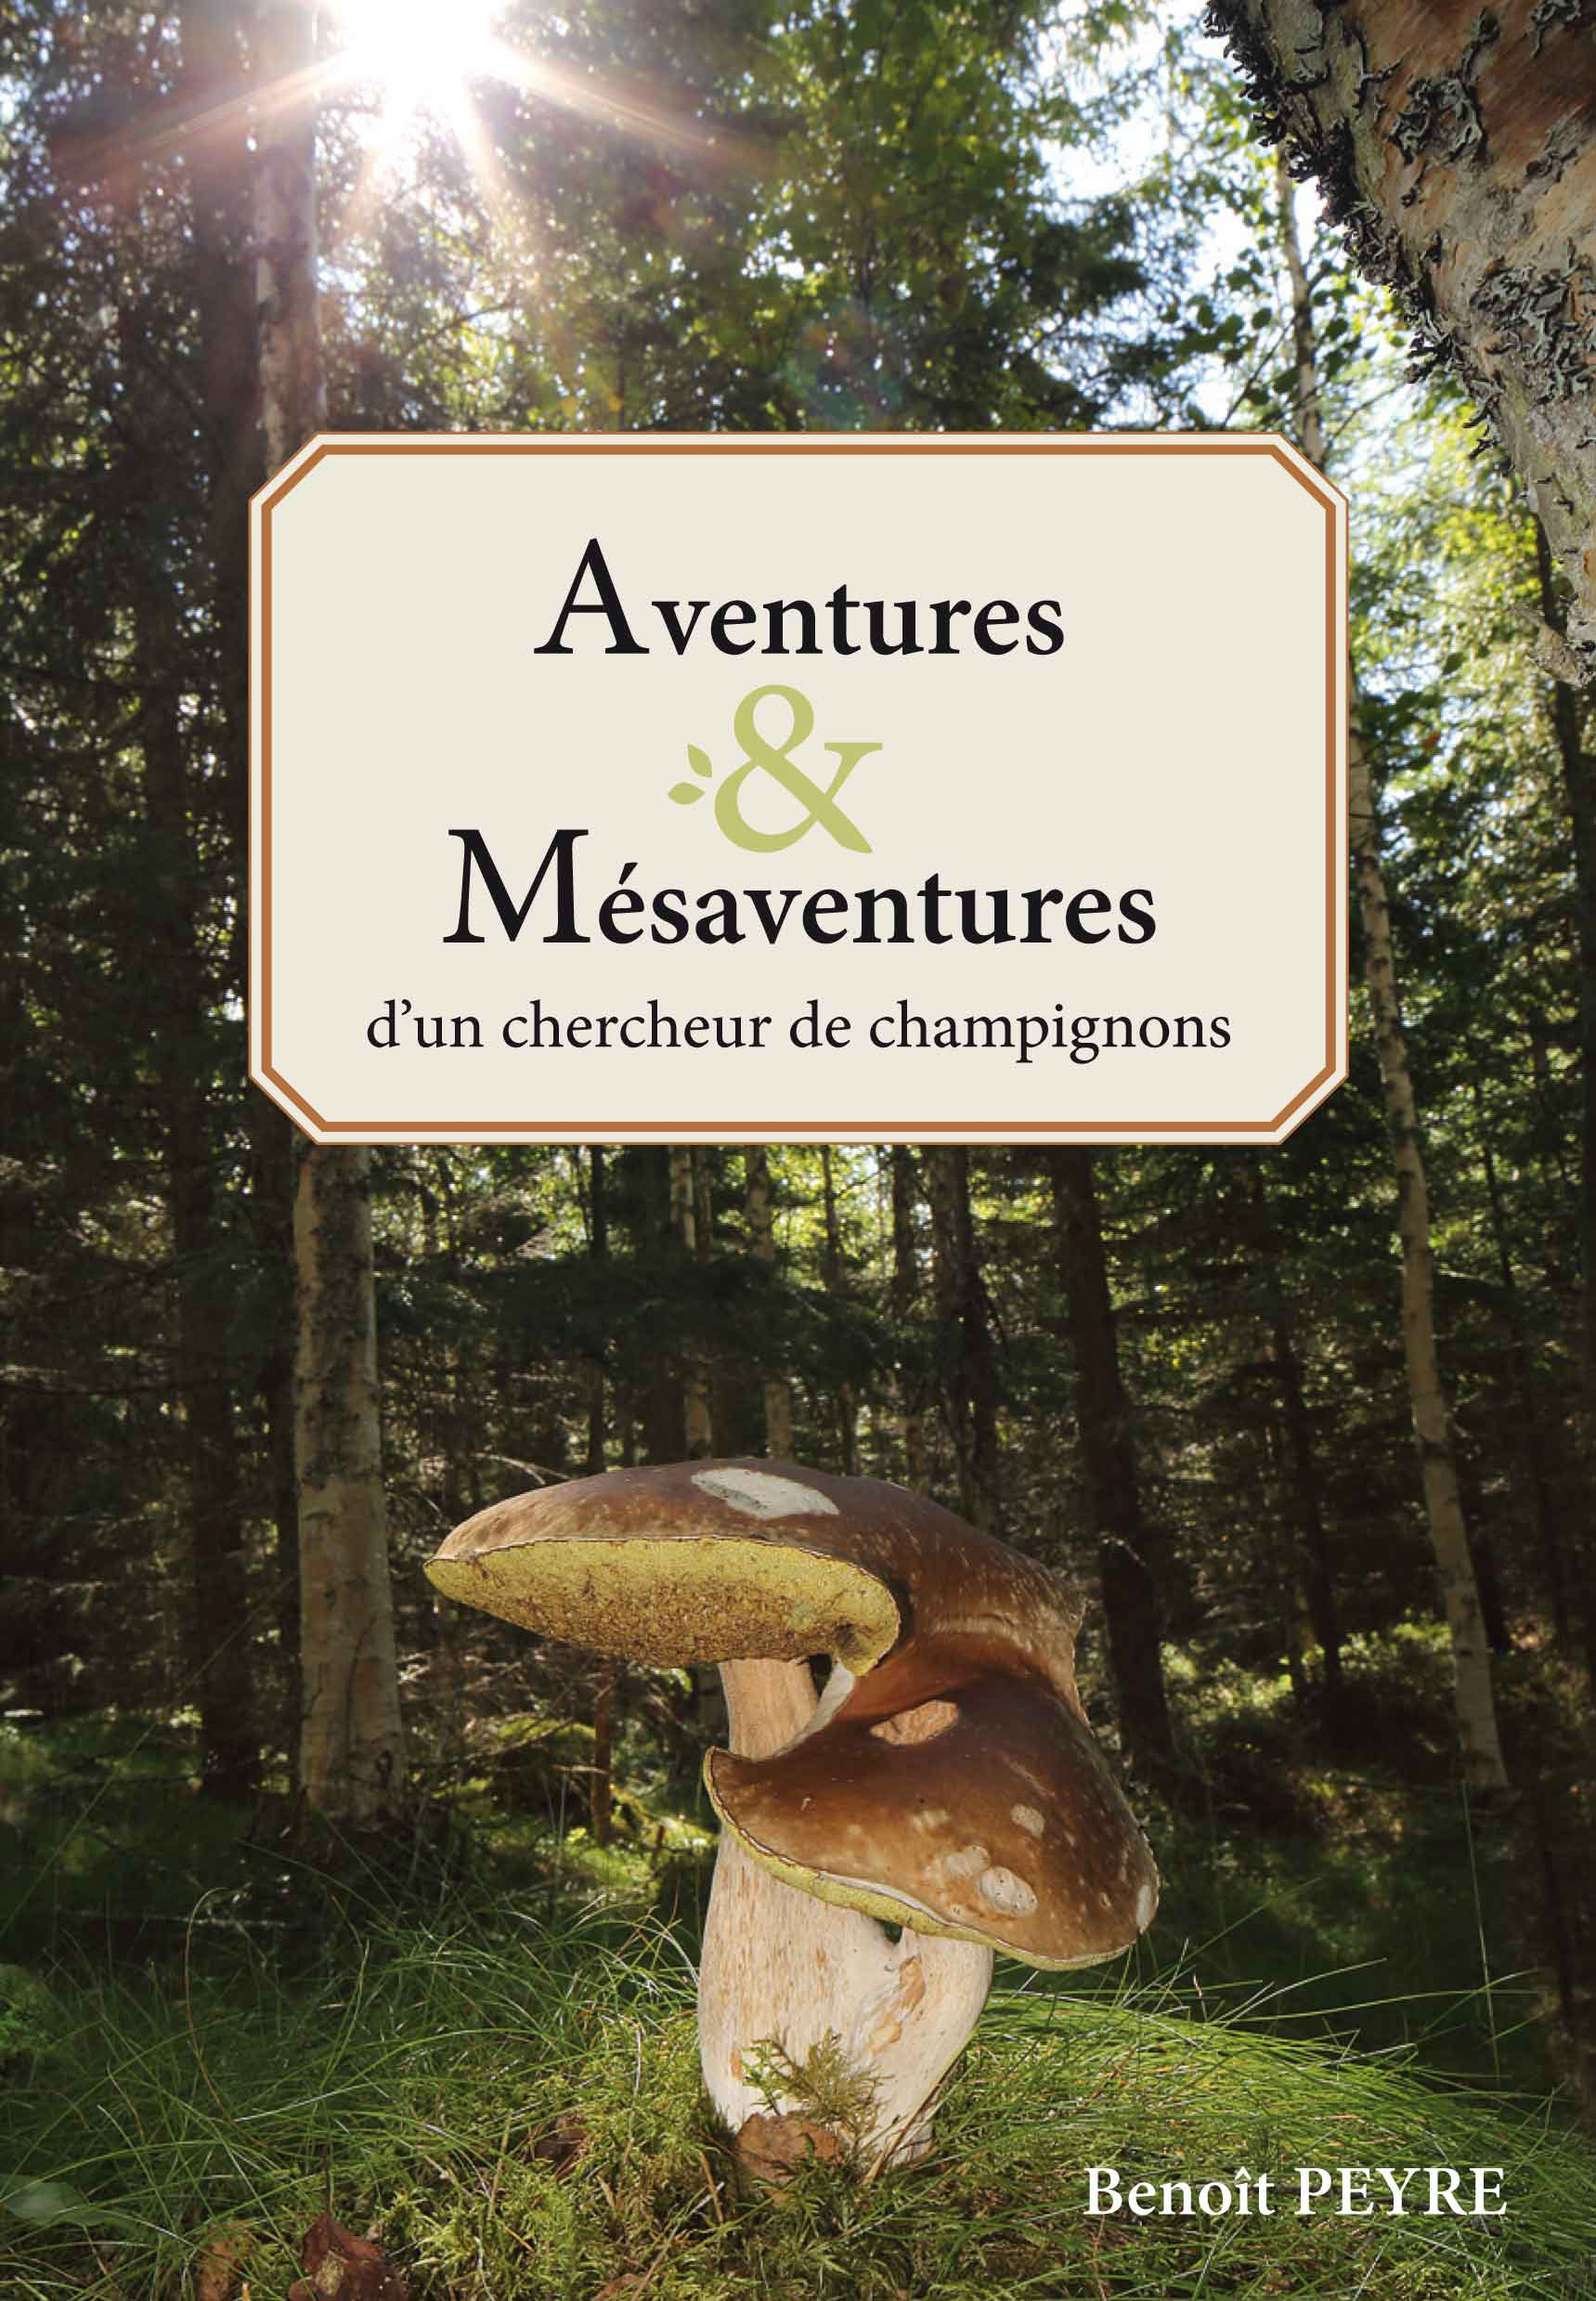 Aventures & Mésaventures d'un chercheur de champignons